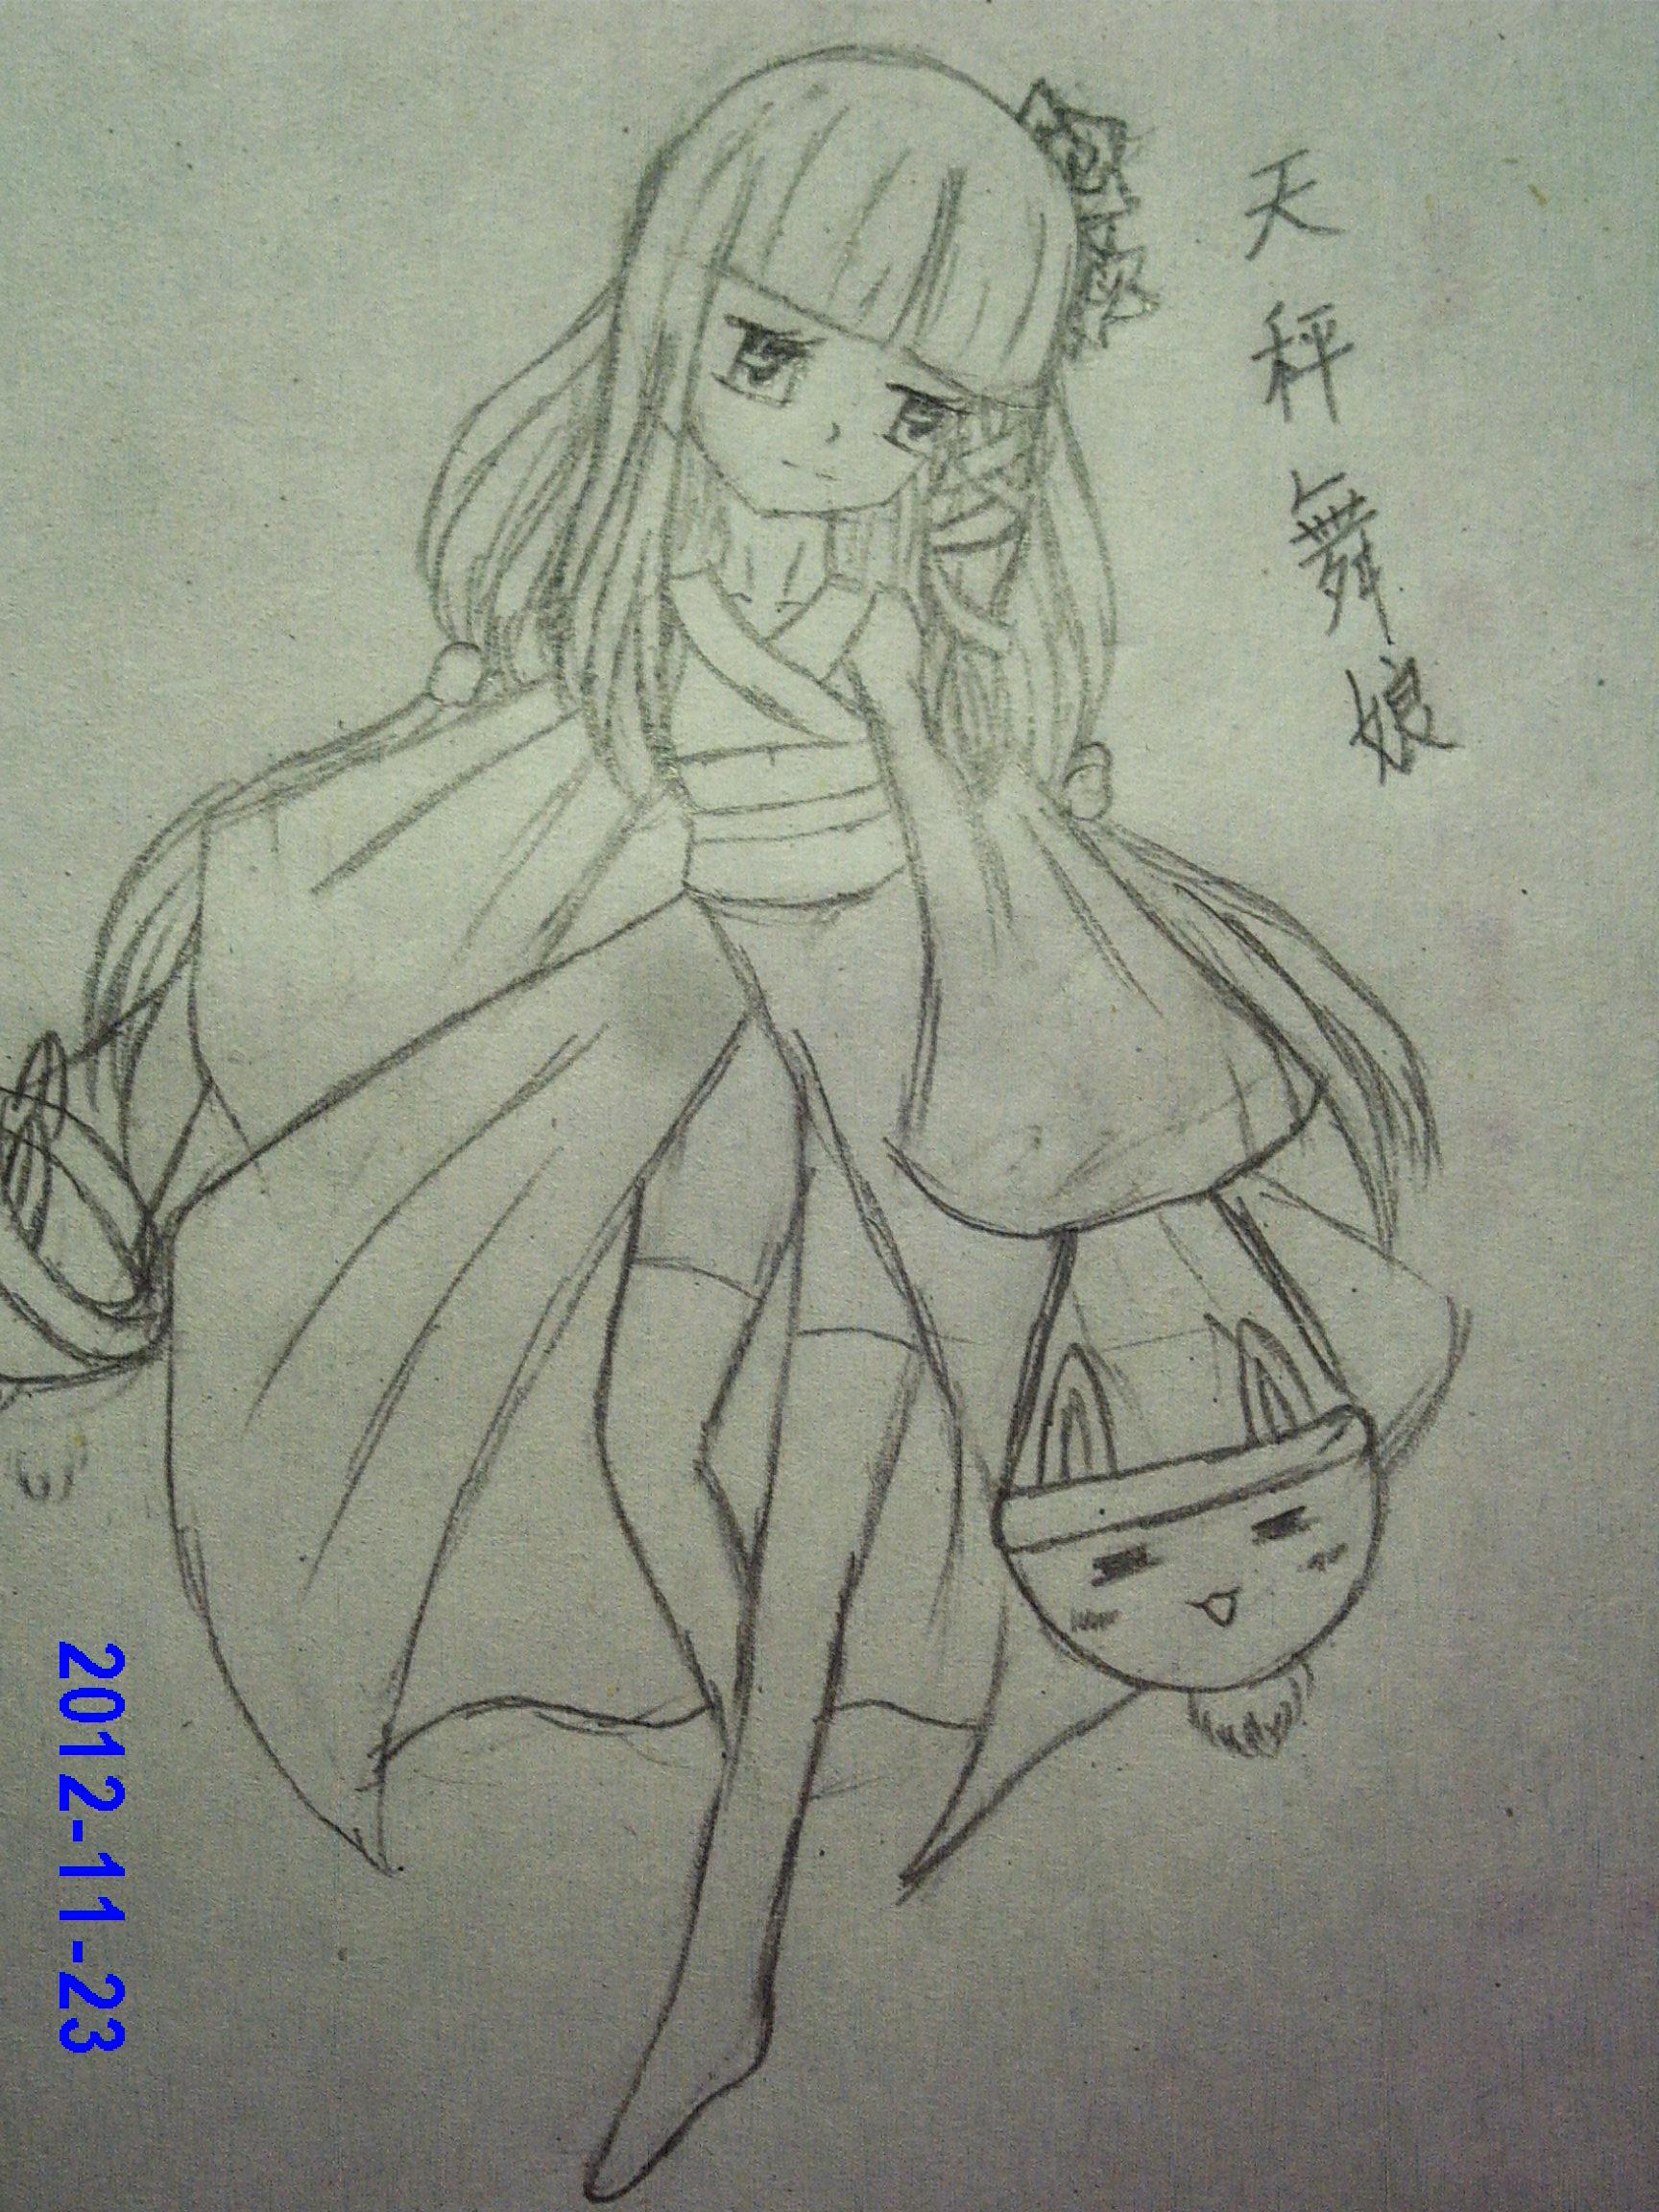 【手绘】天秤舞娘拟人(←←她已经是人形了)